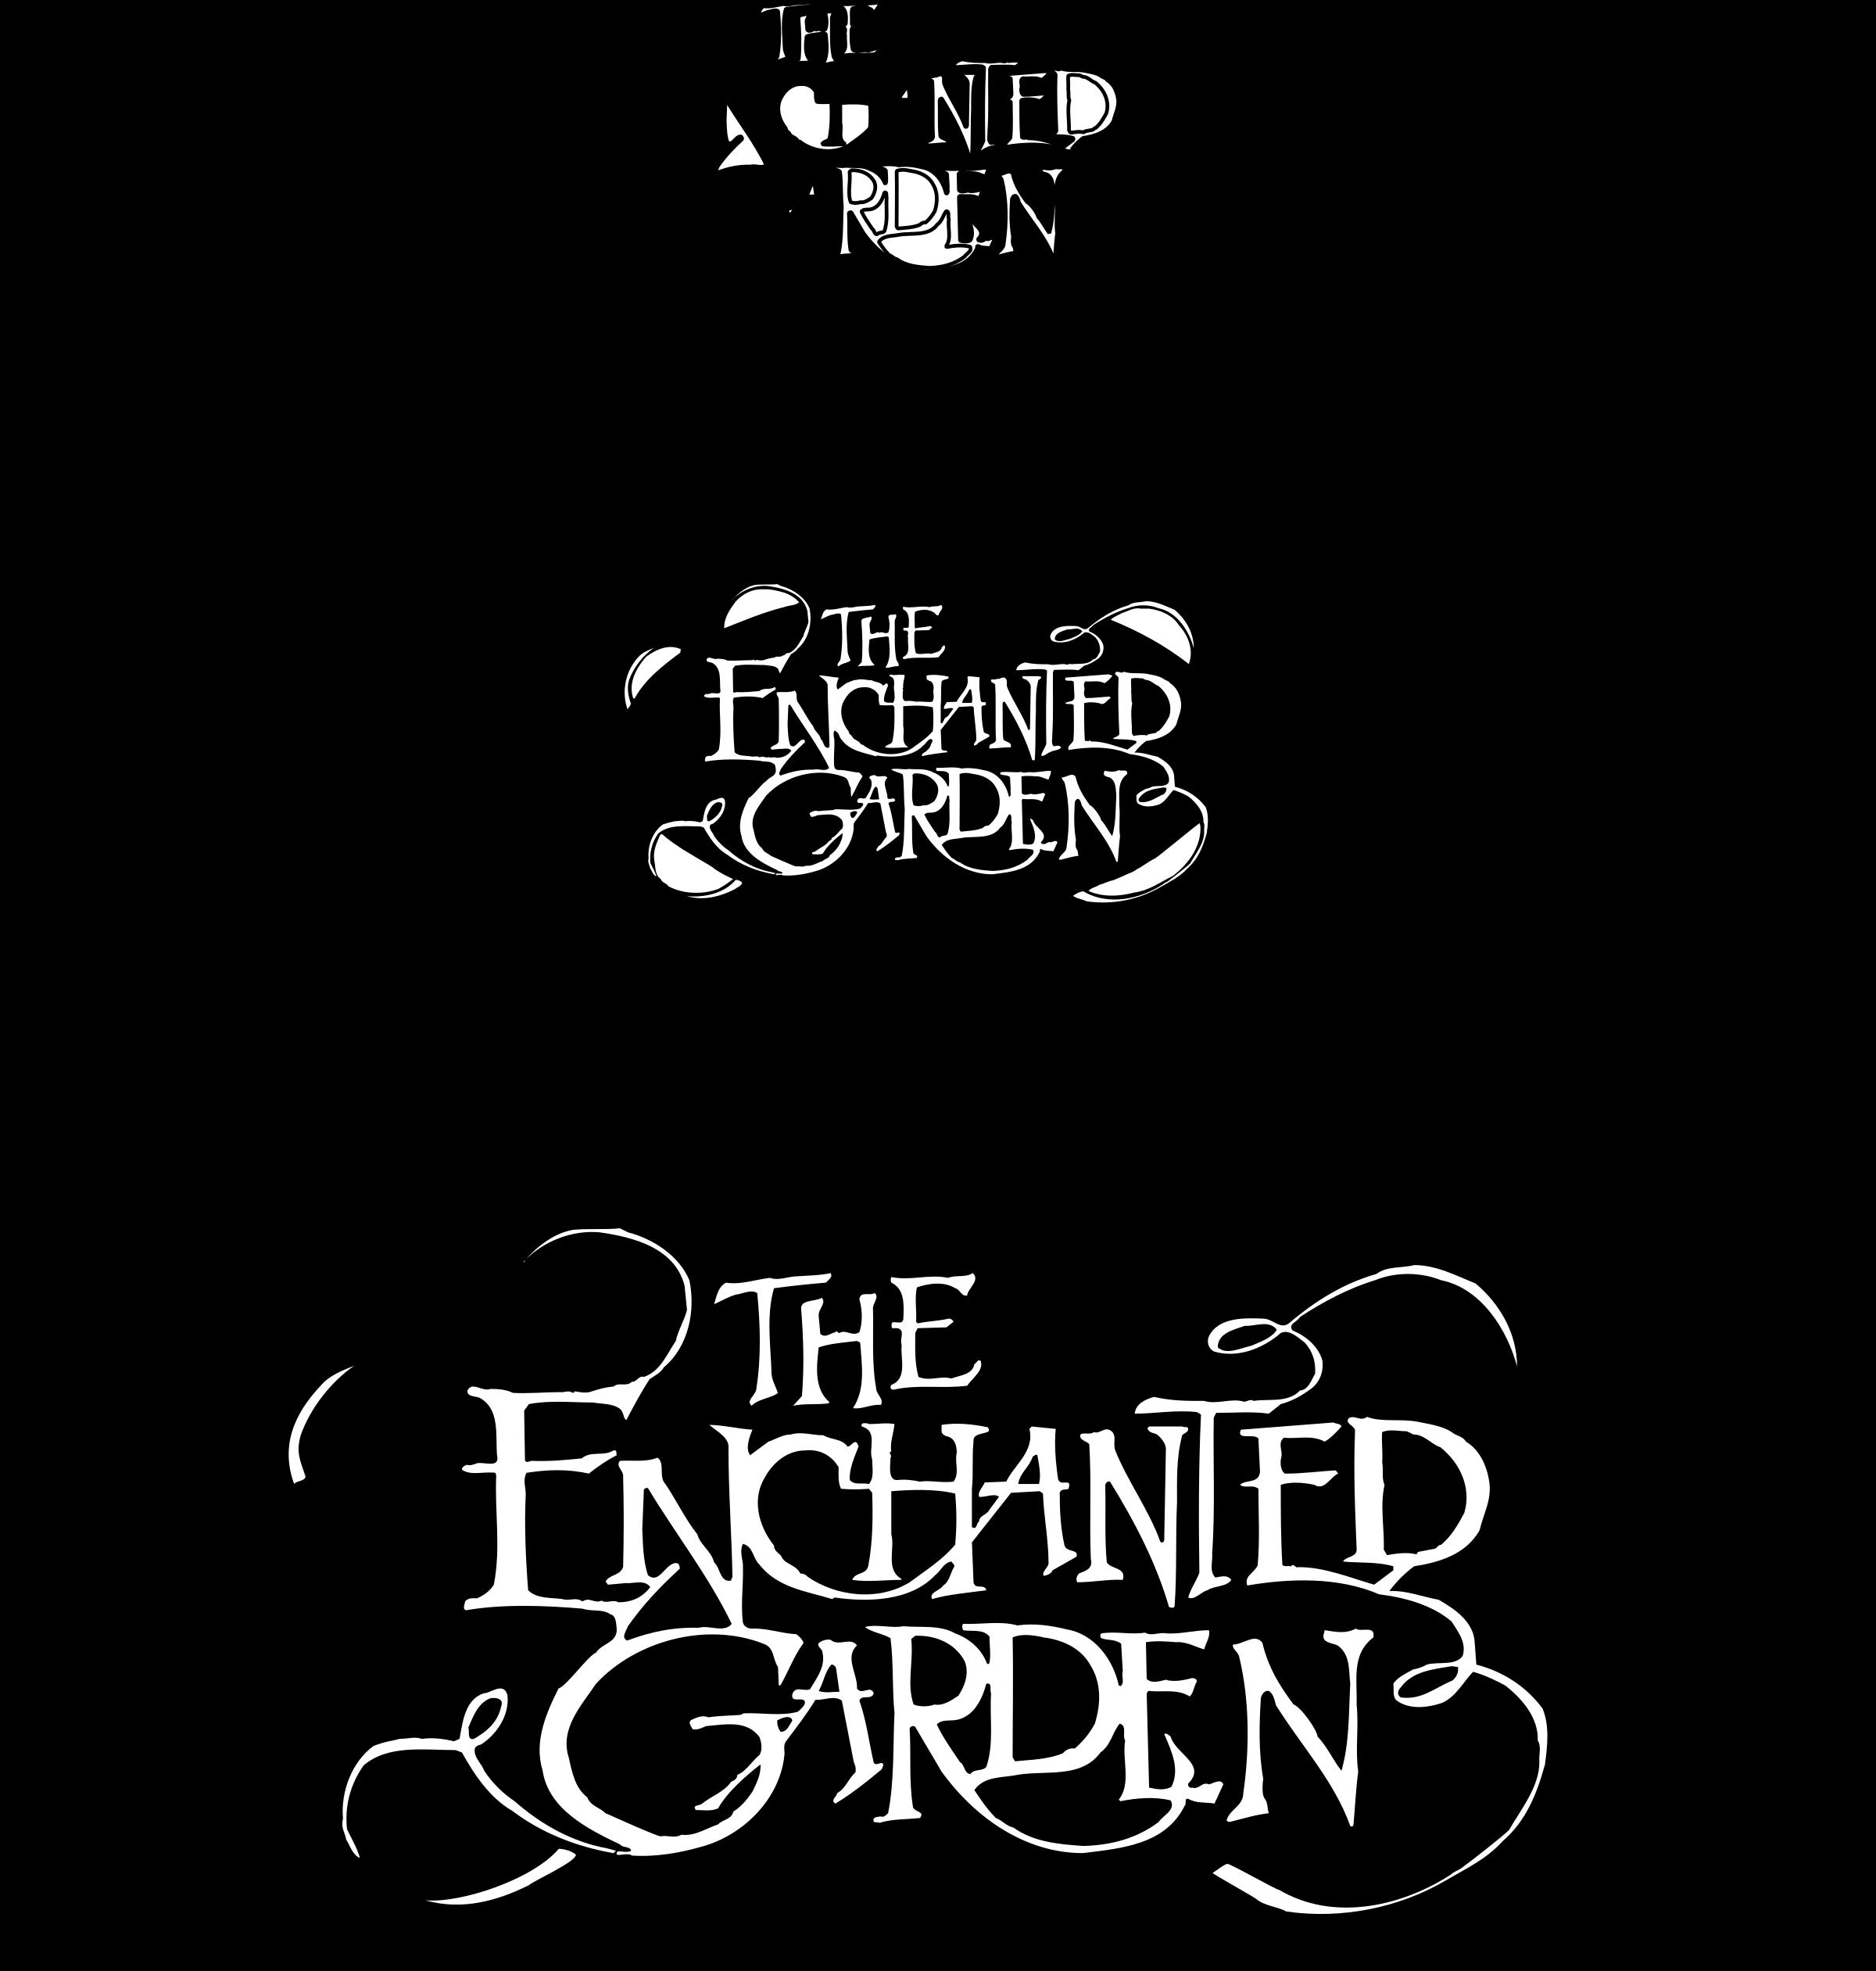 ENCHANTED GARDENS logo